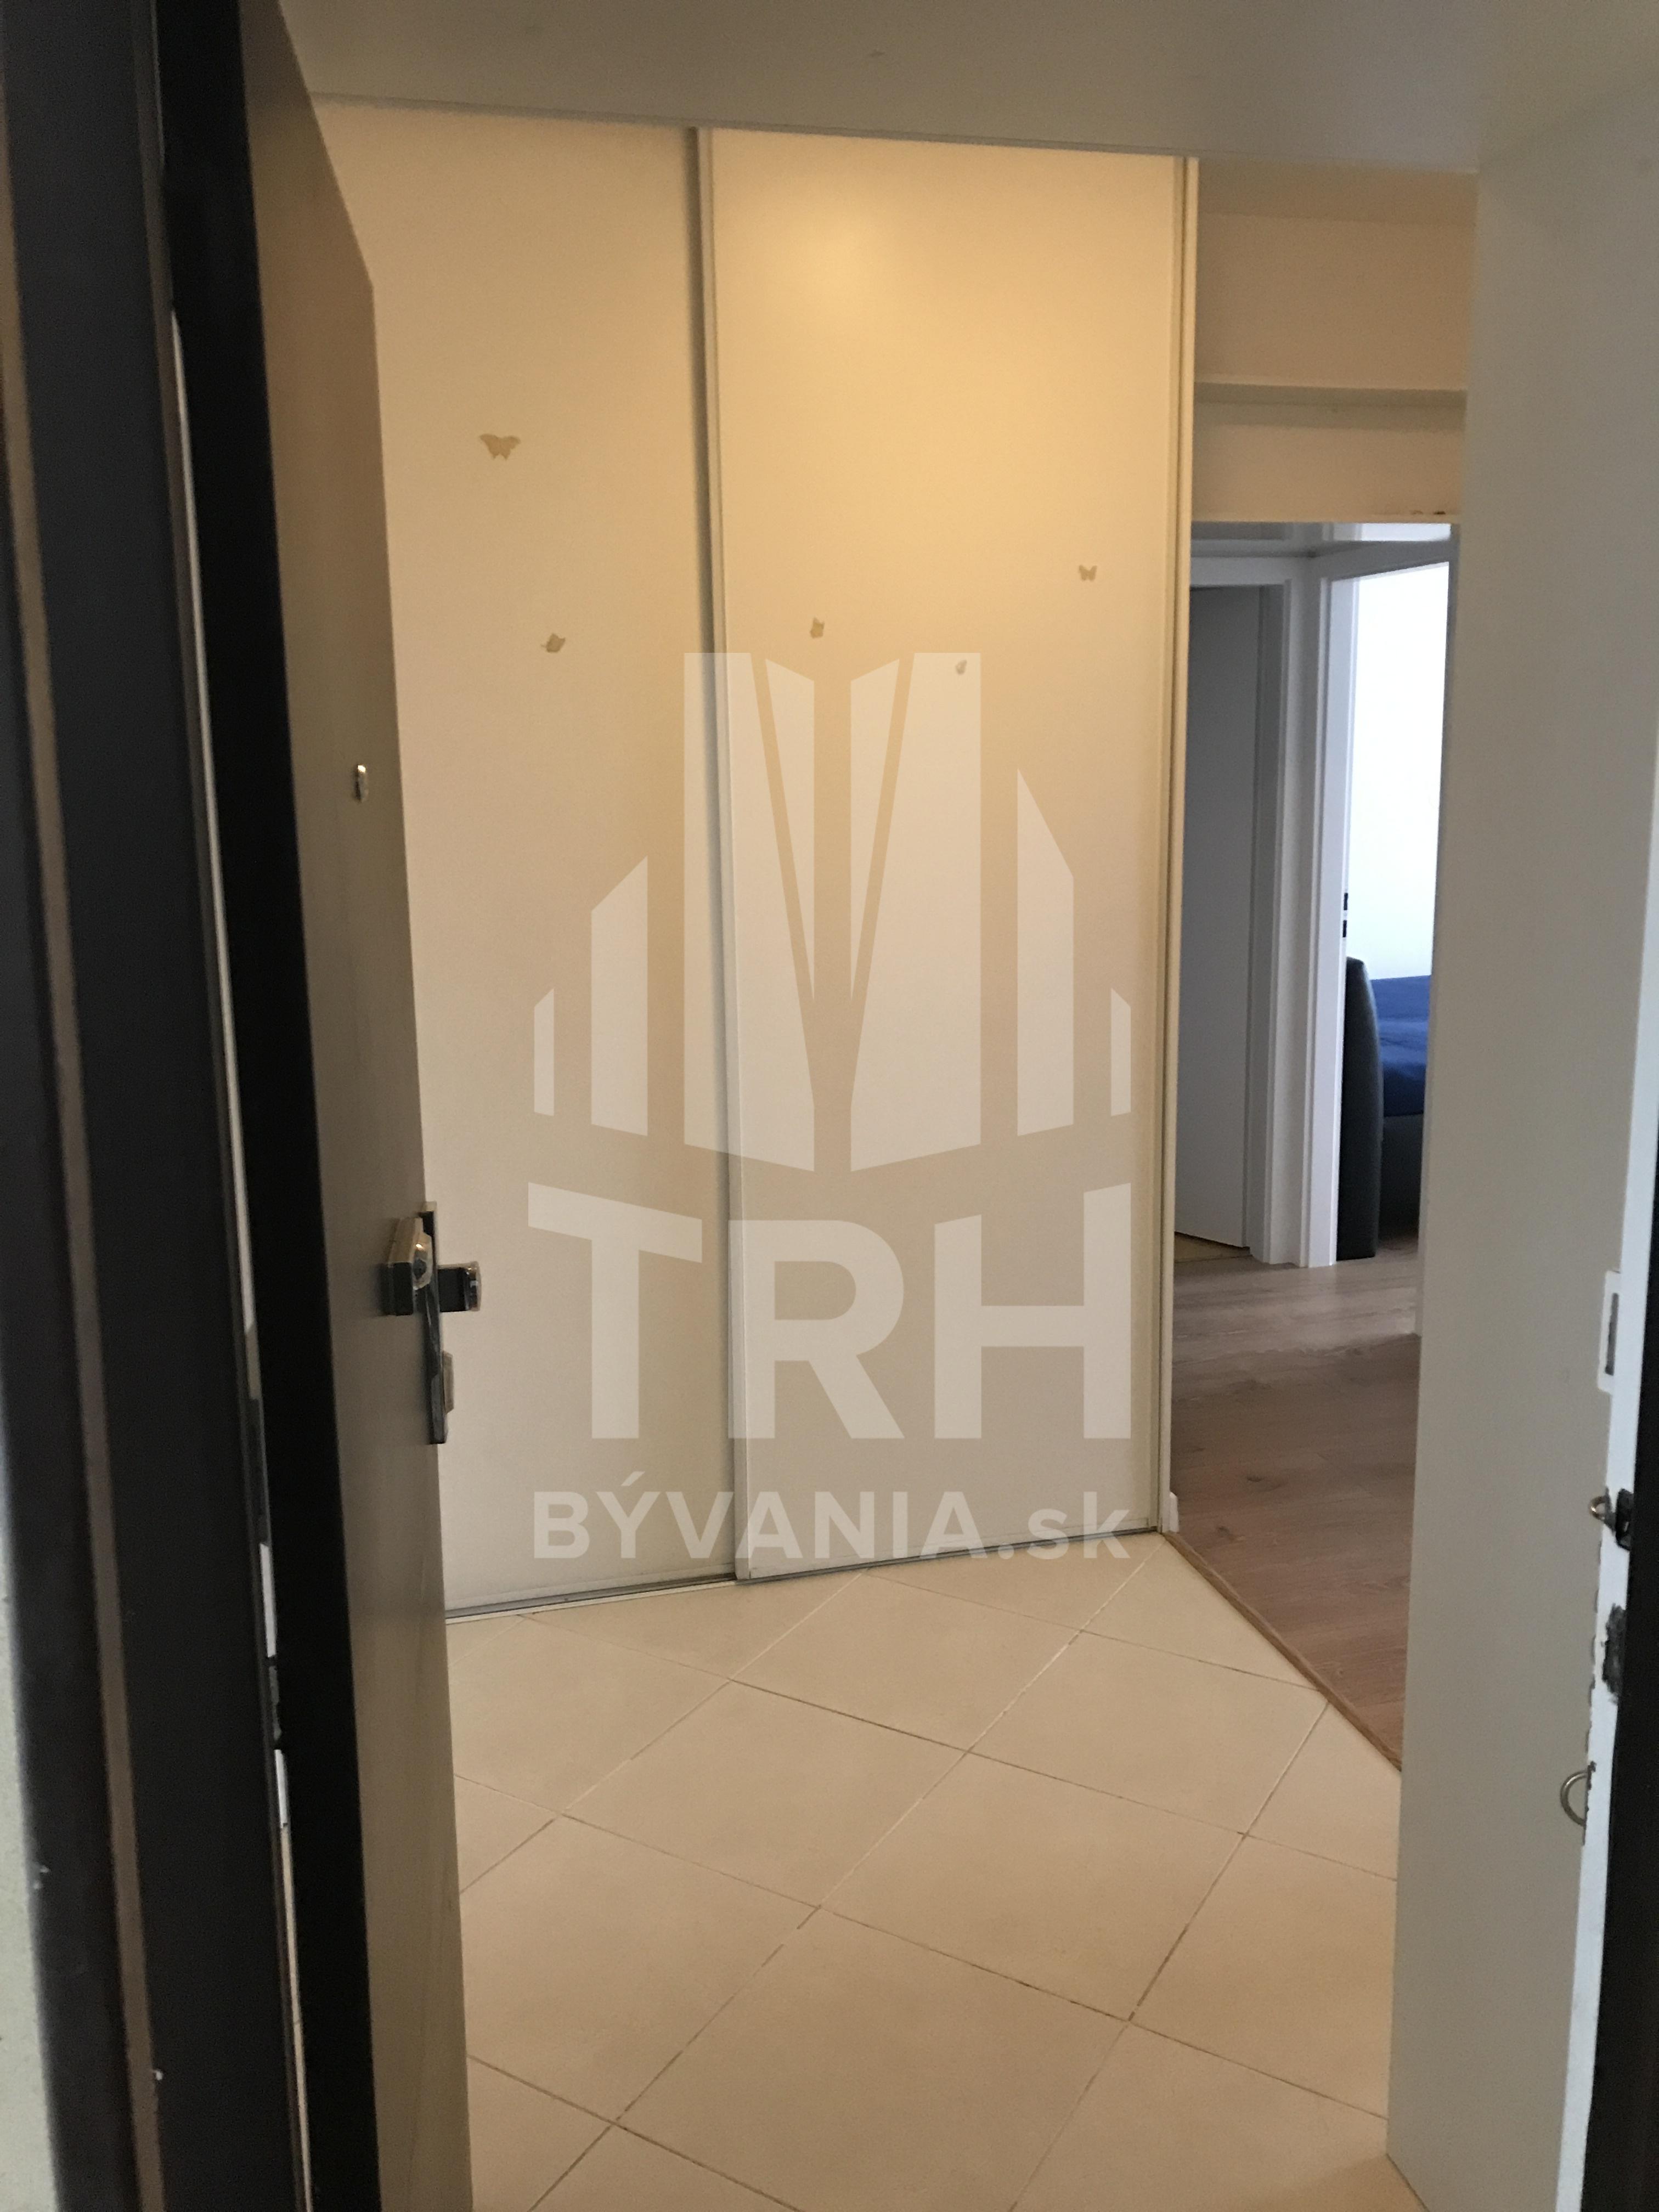 4izb. byt, 74,3m2, Bratislava, Petržalka